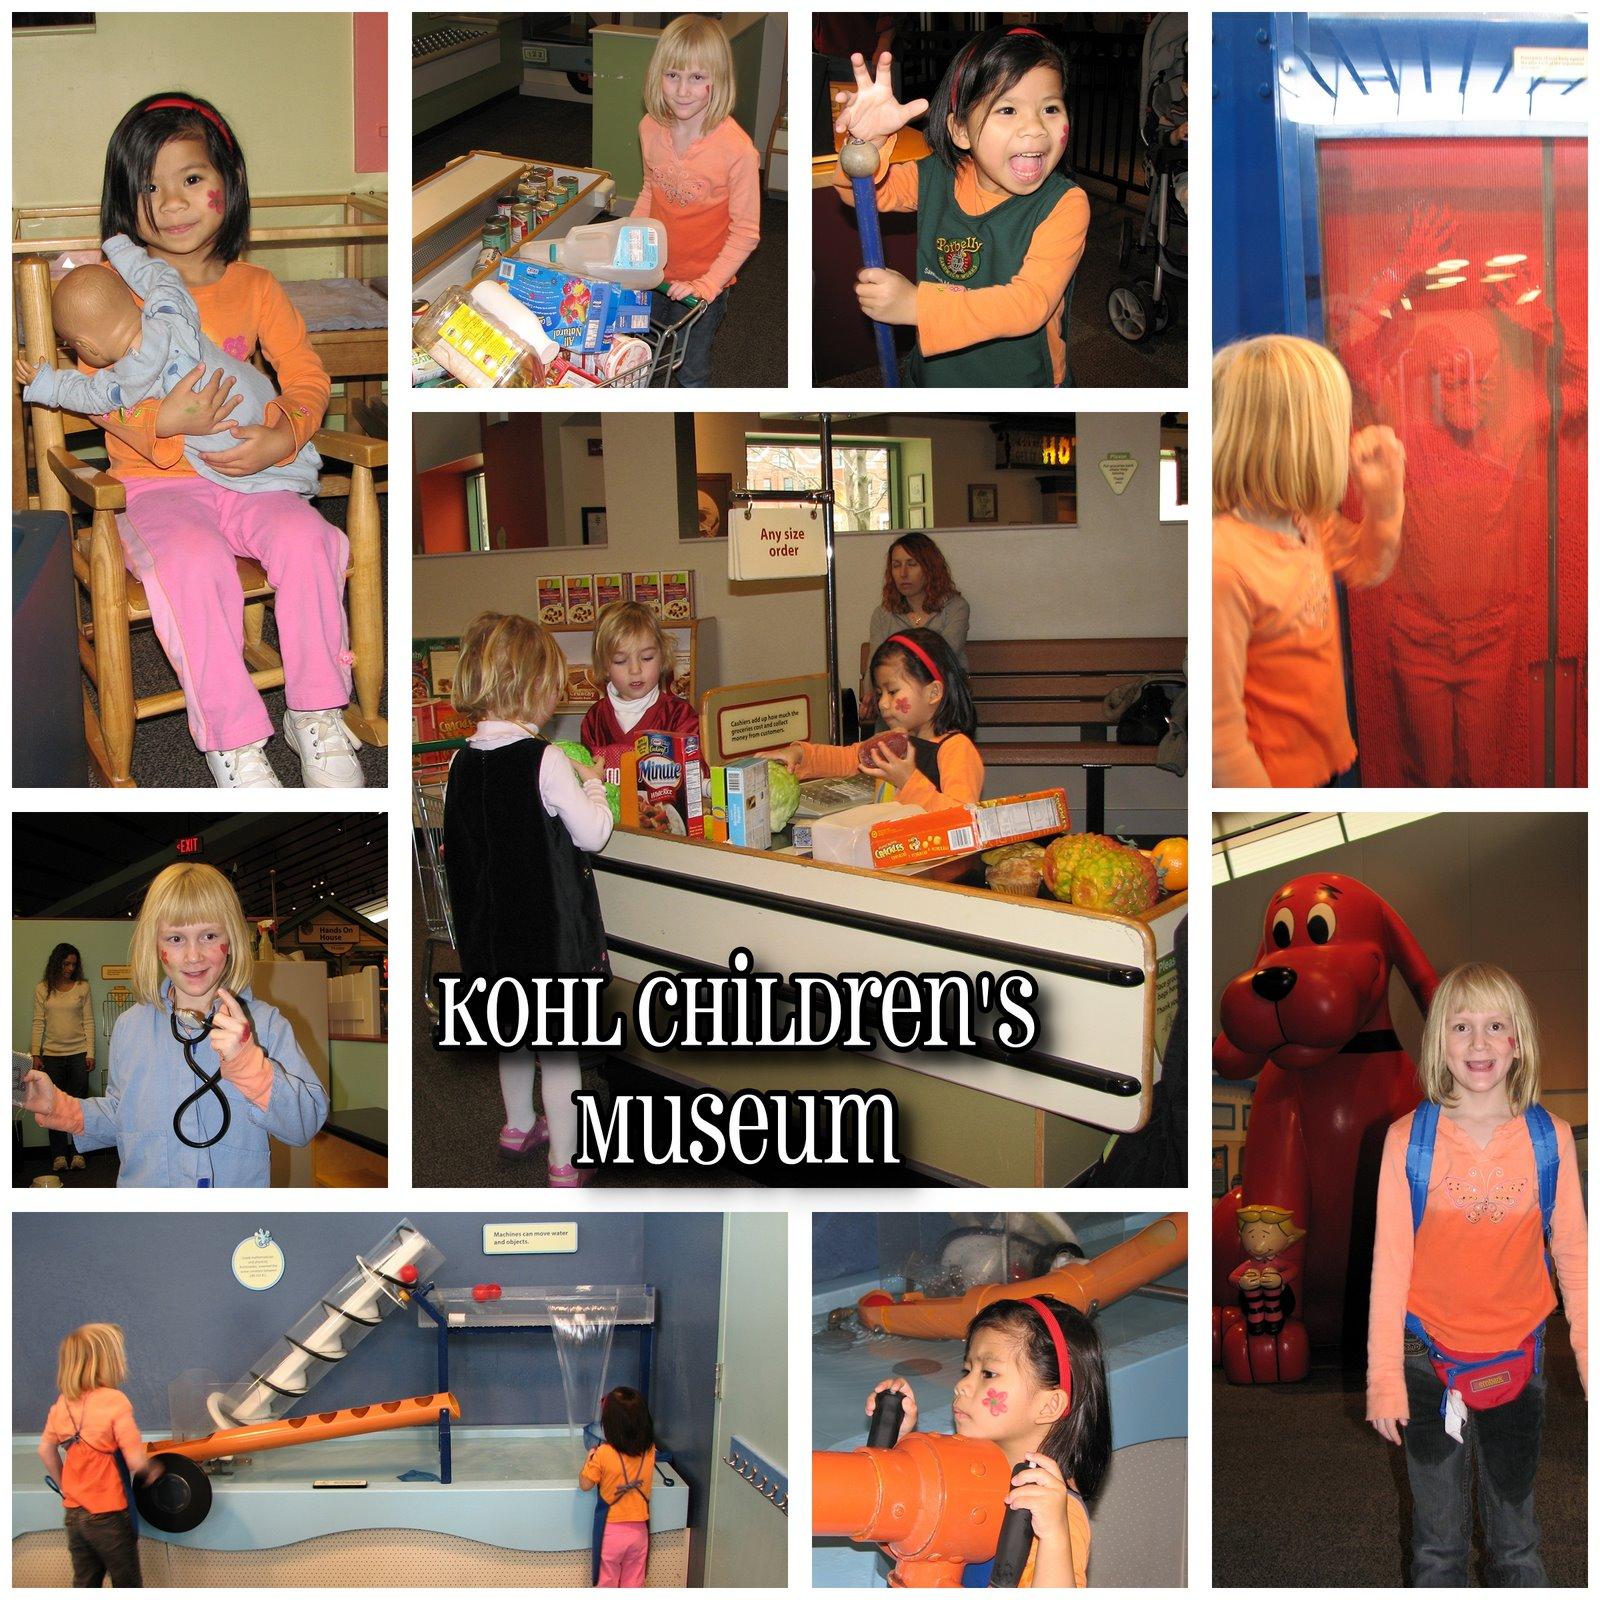 [2008.04.01+Kohl+Children]